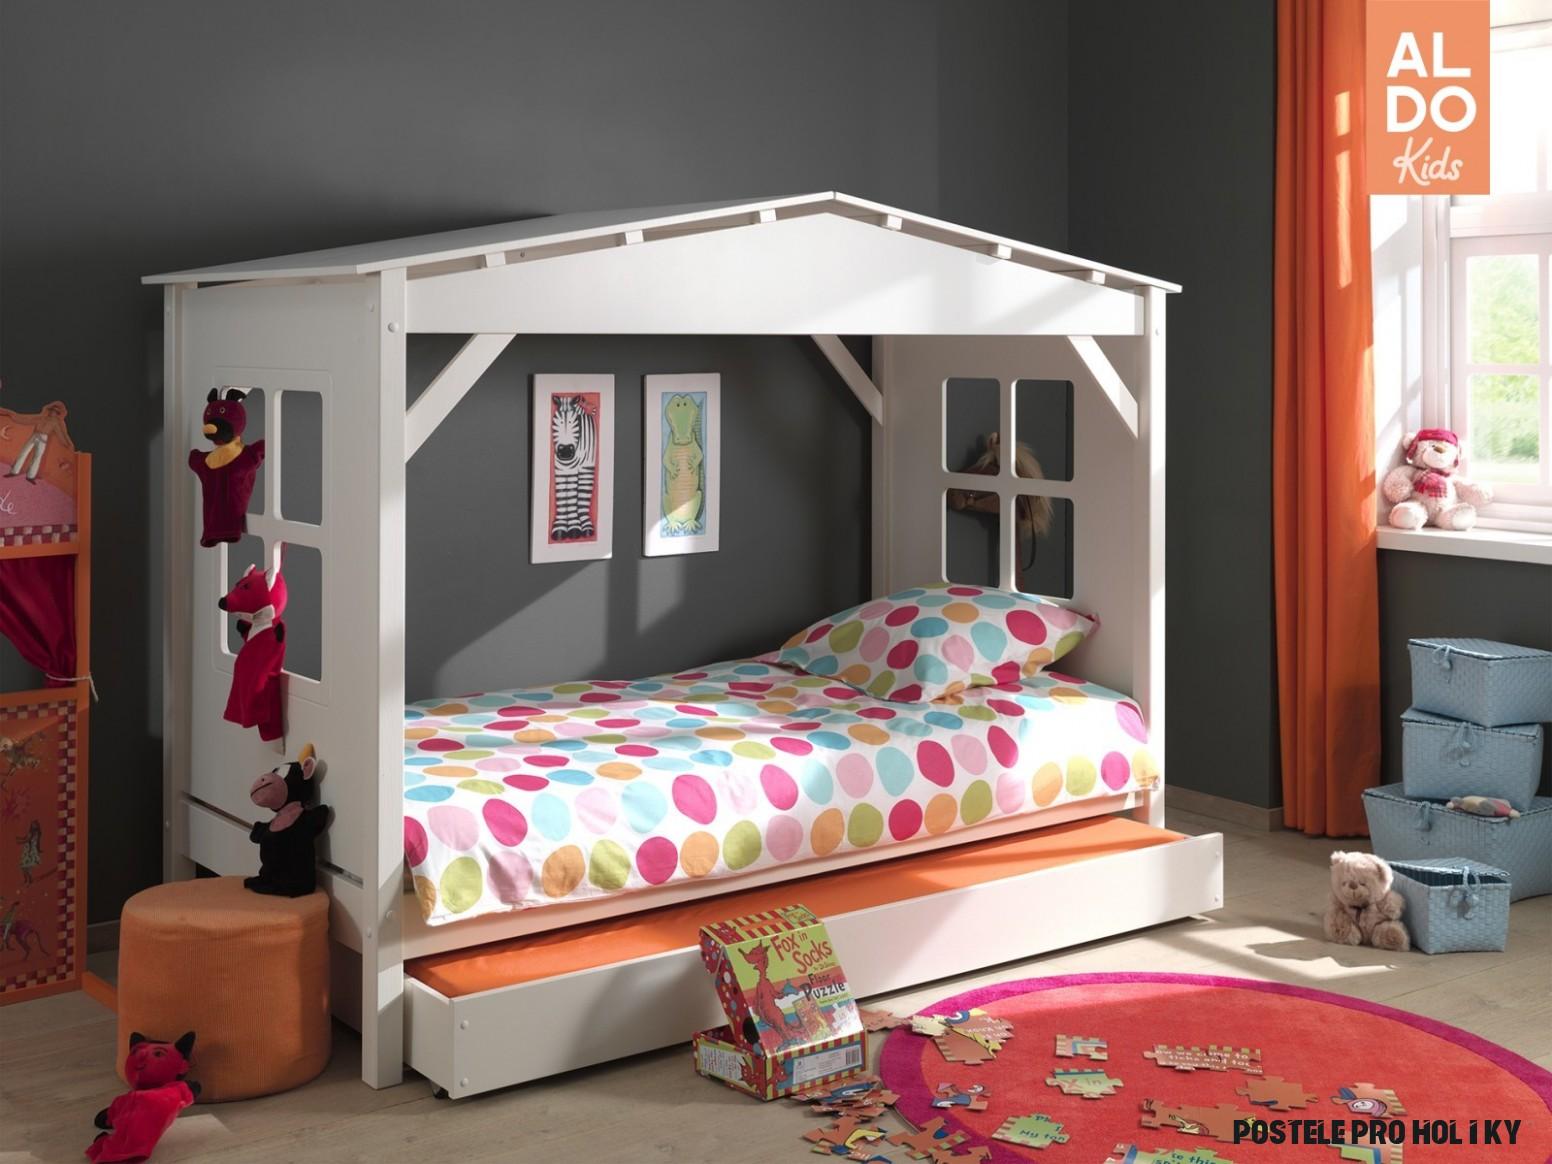 Dětská postel z masivu pro holky Pino-PICB12